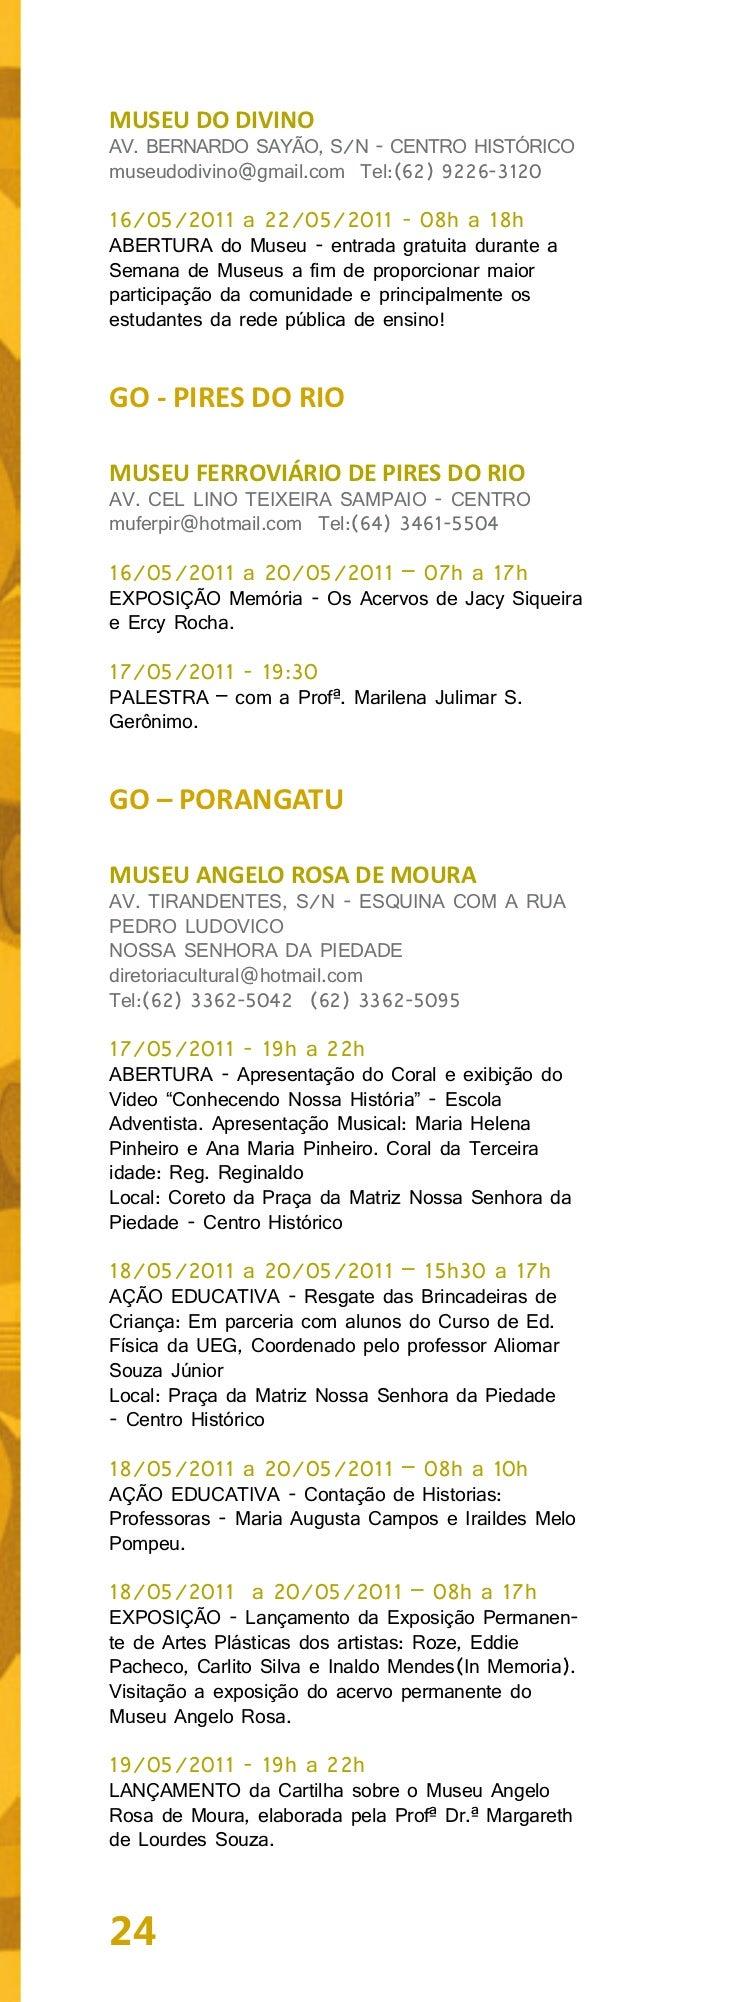 19/05/2011 - 19h a 22hSEMINÁRIO/ PAINEL/ MESA REDONDASeminário: Tema - Patrimônio Cultural e a Importân-cia da Preservação...